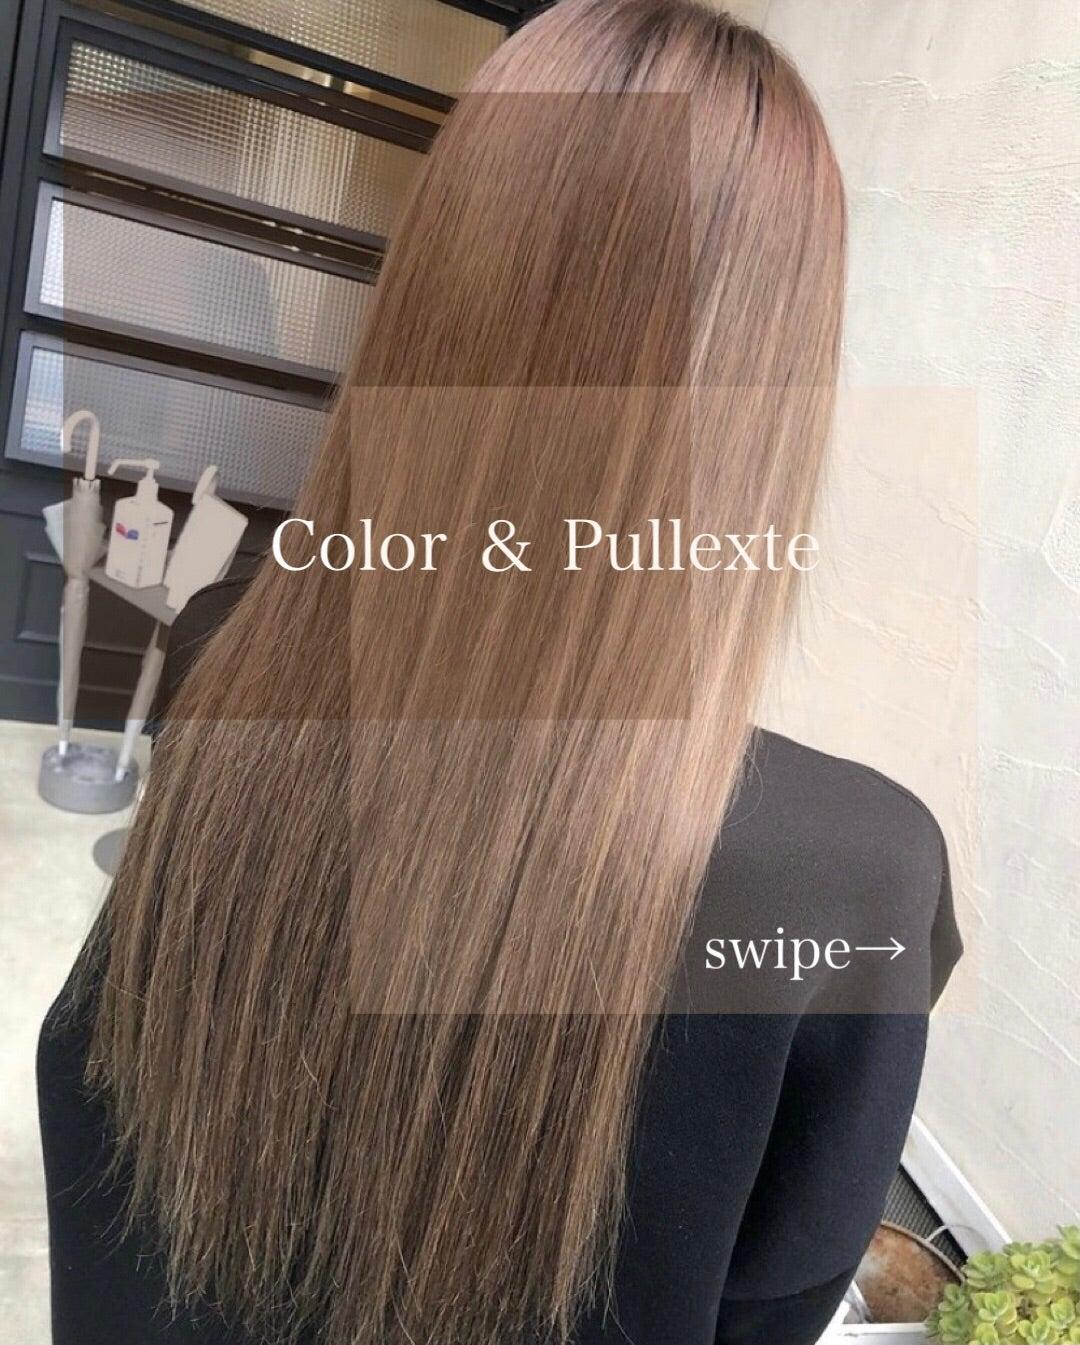 color & pullexte